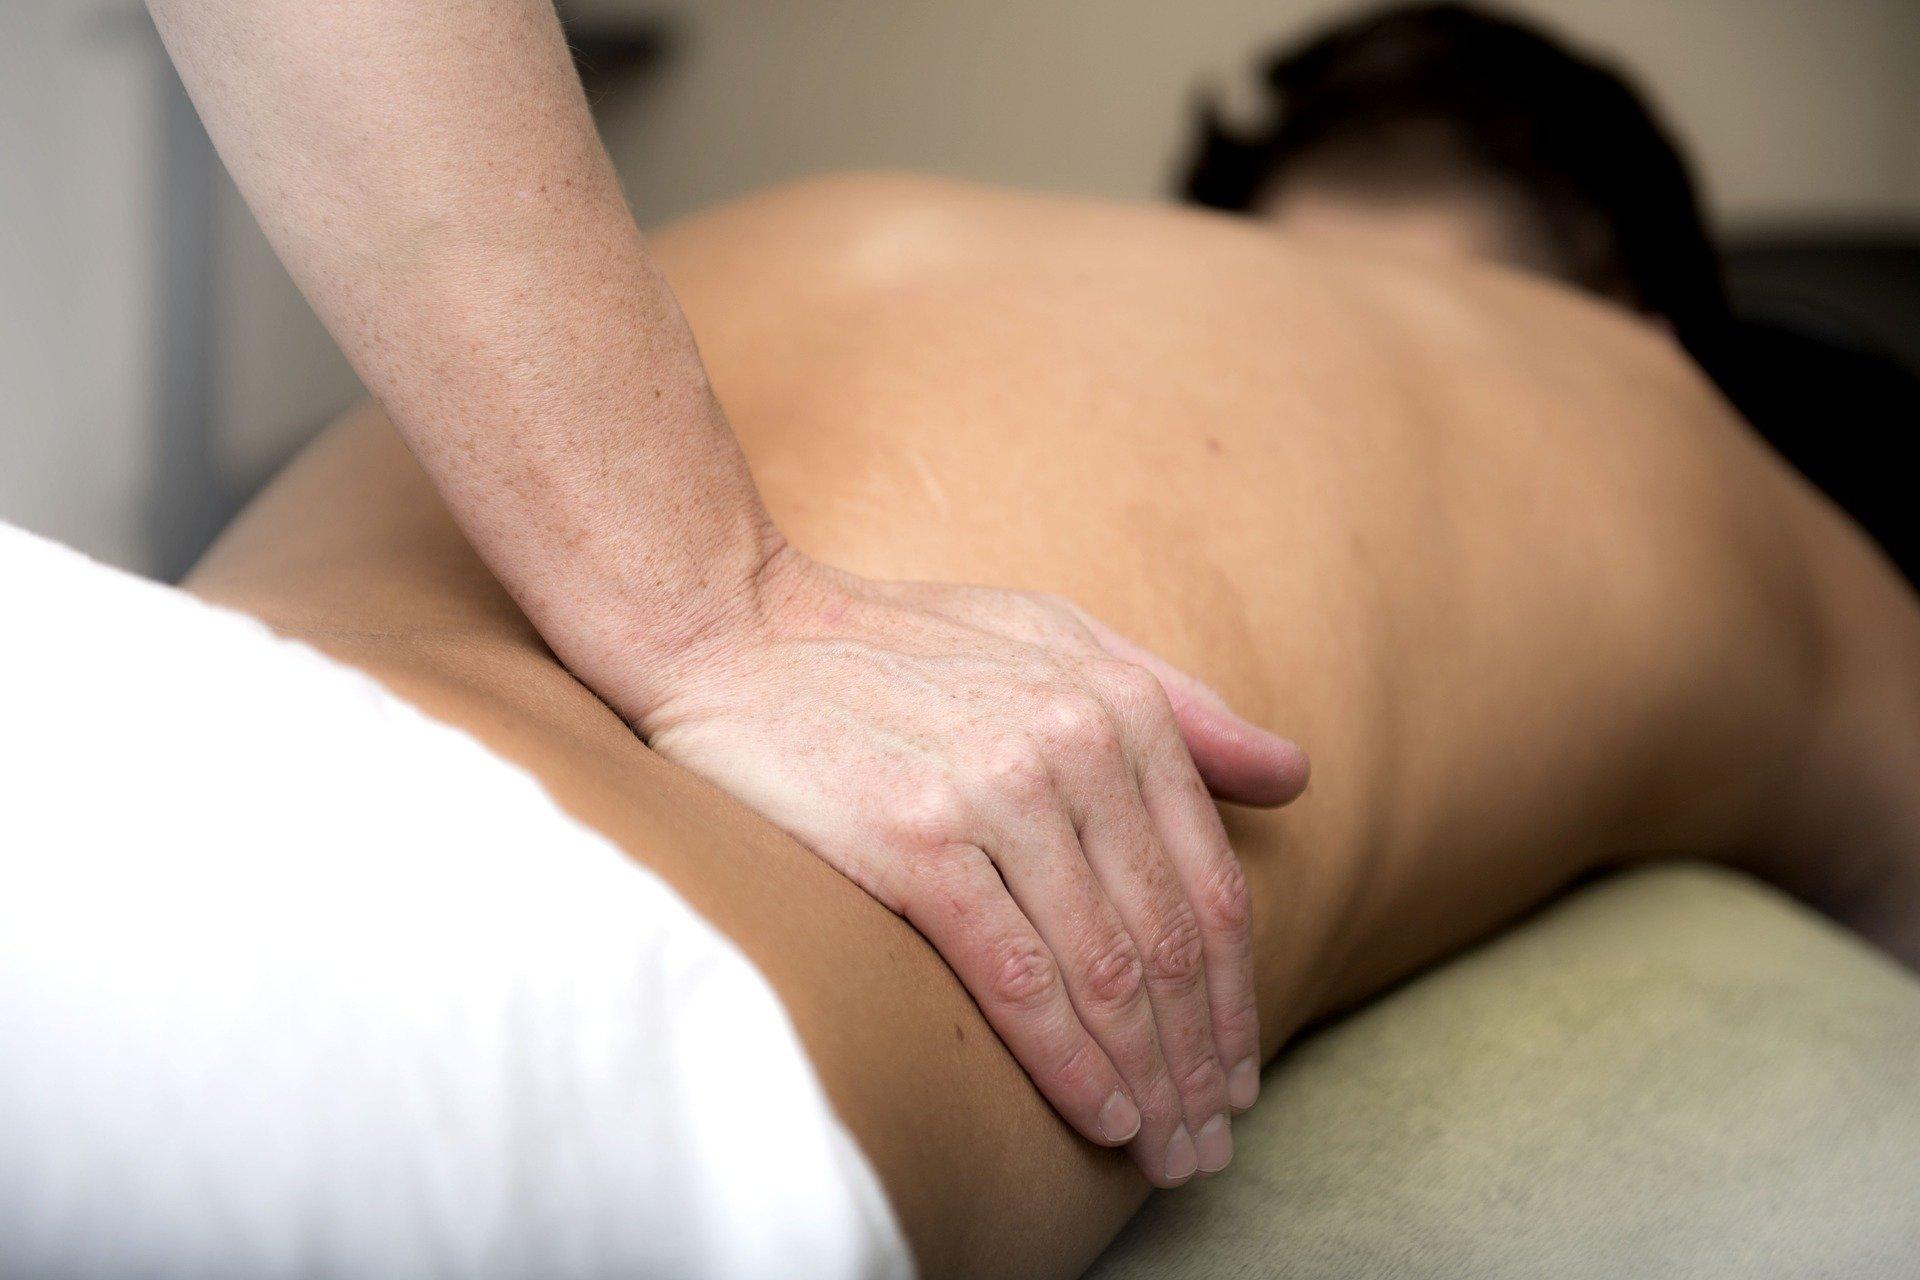 Les bienfaits du massage pour la santé